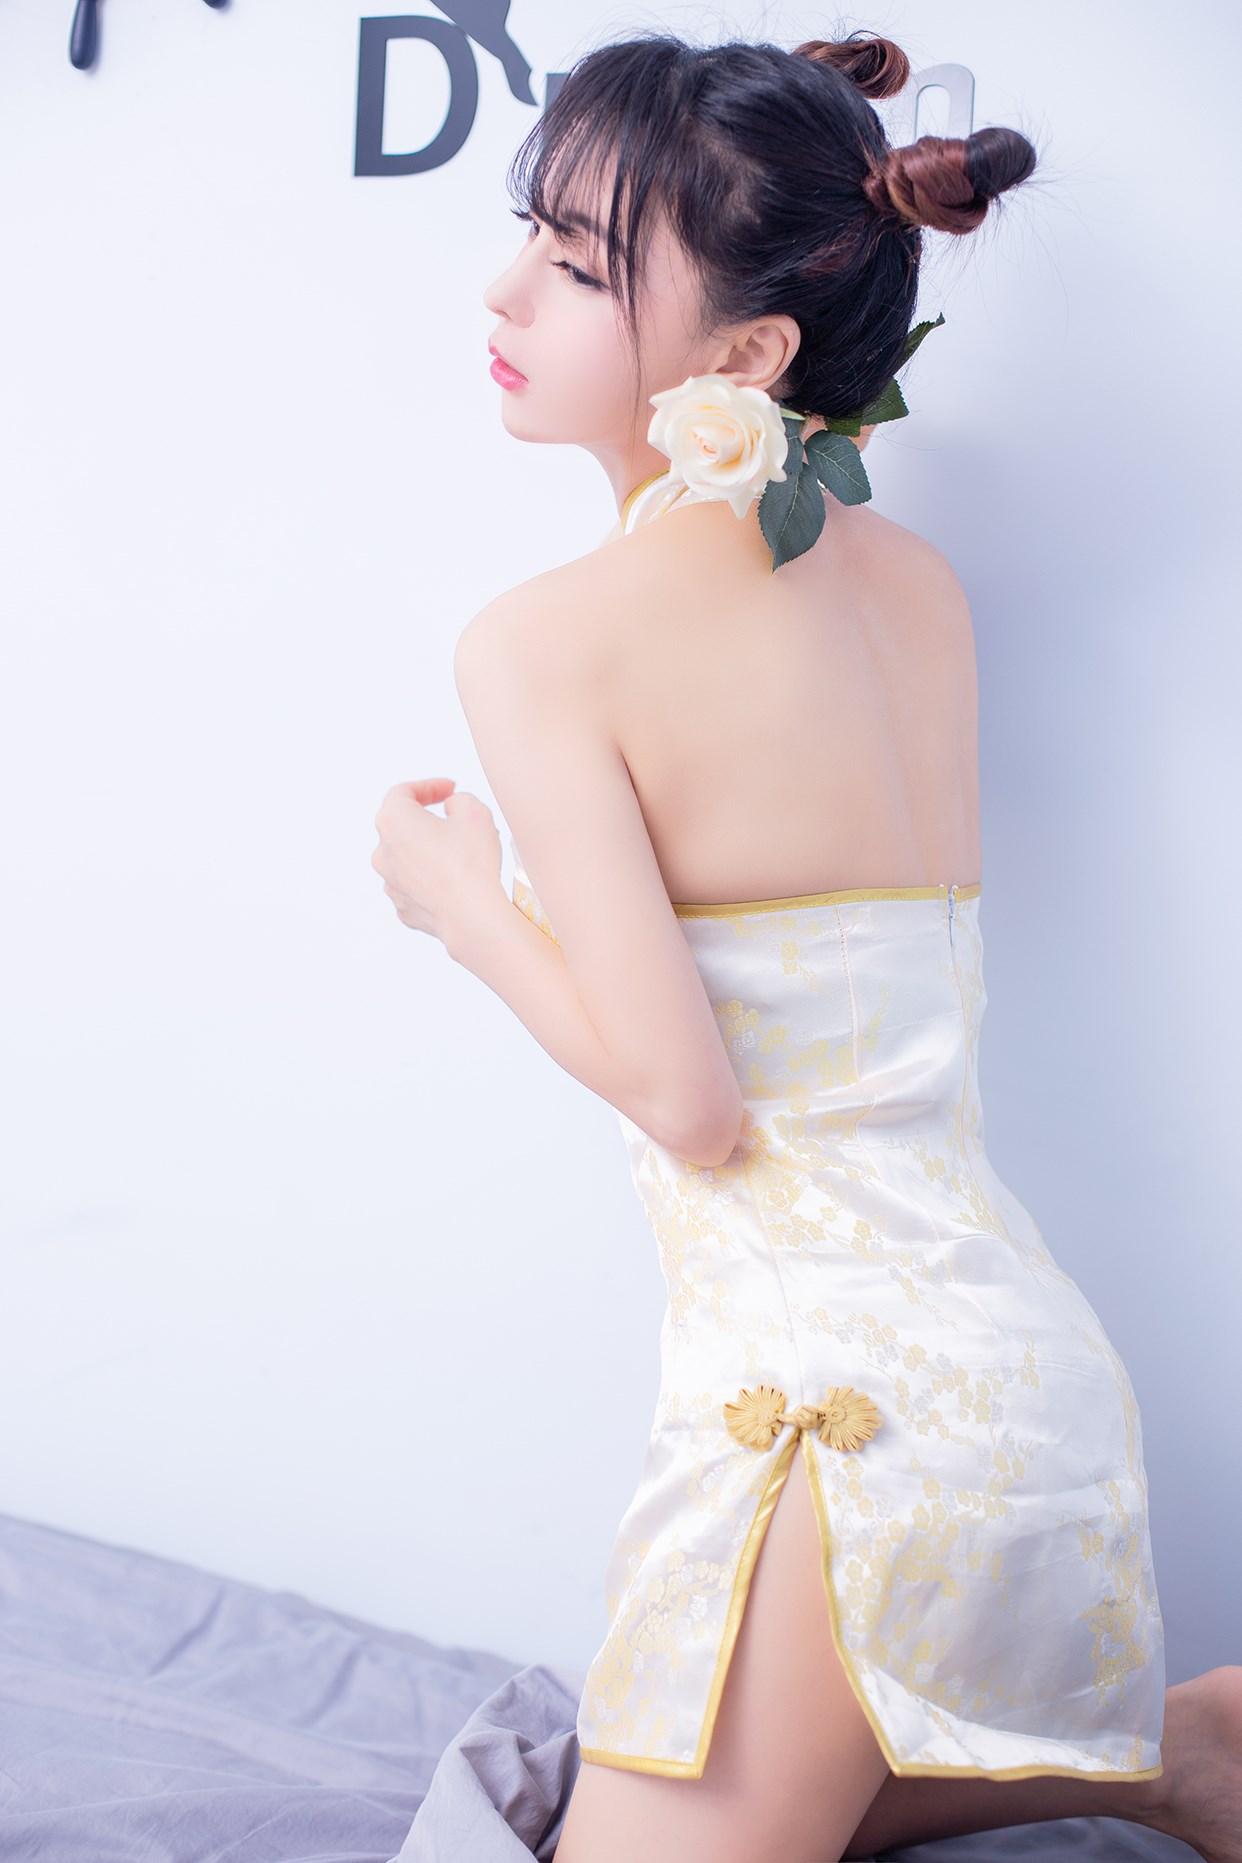 【兔玩映画】诱惑旗袍 兔玩映画 第3张